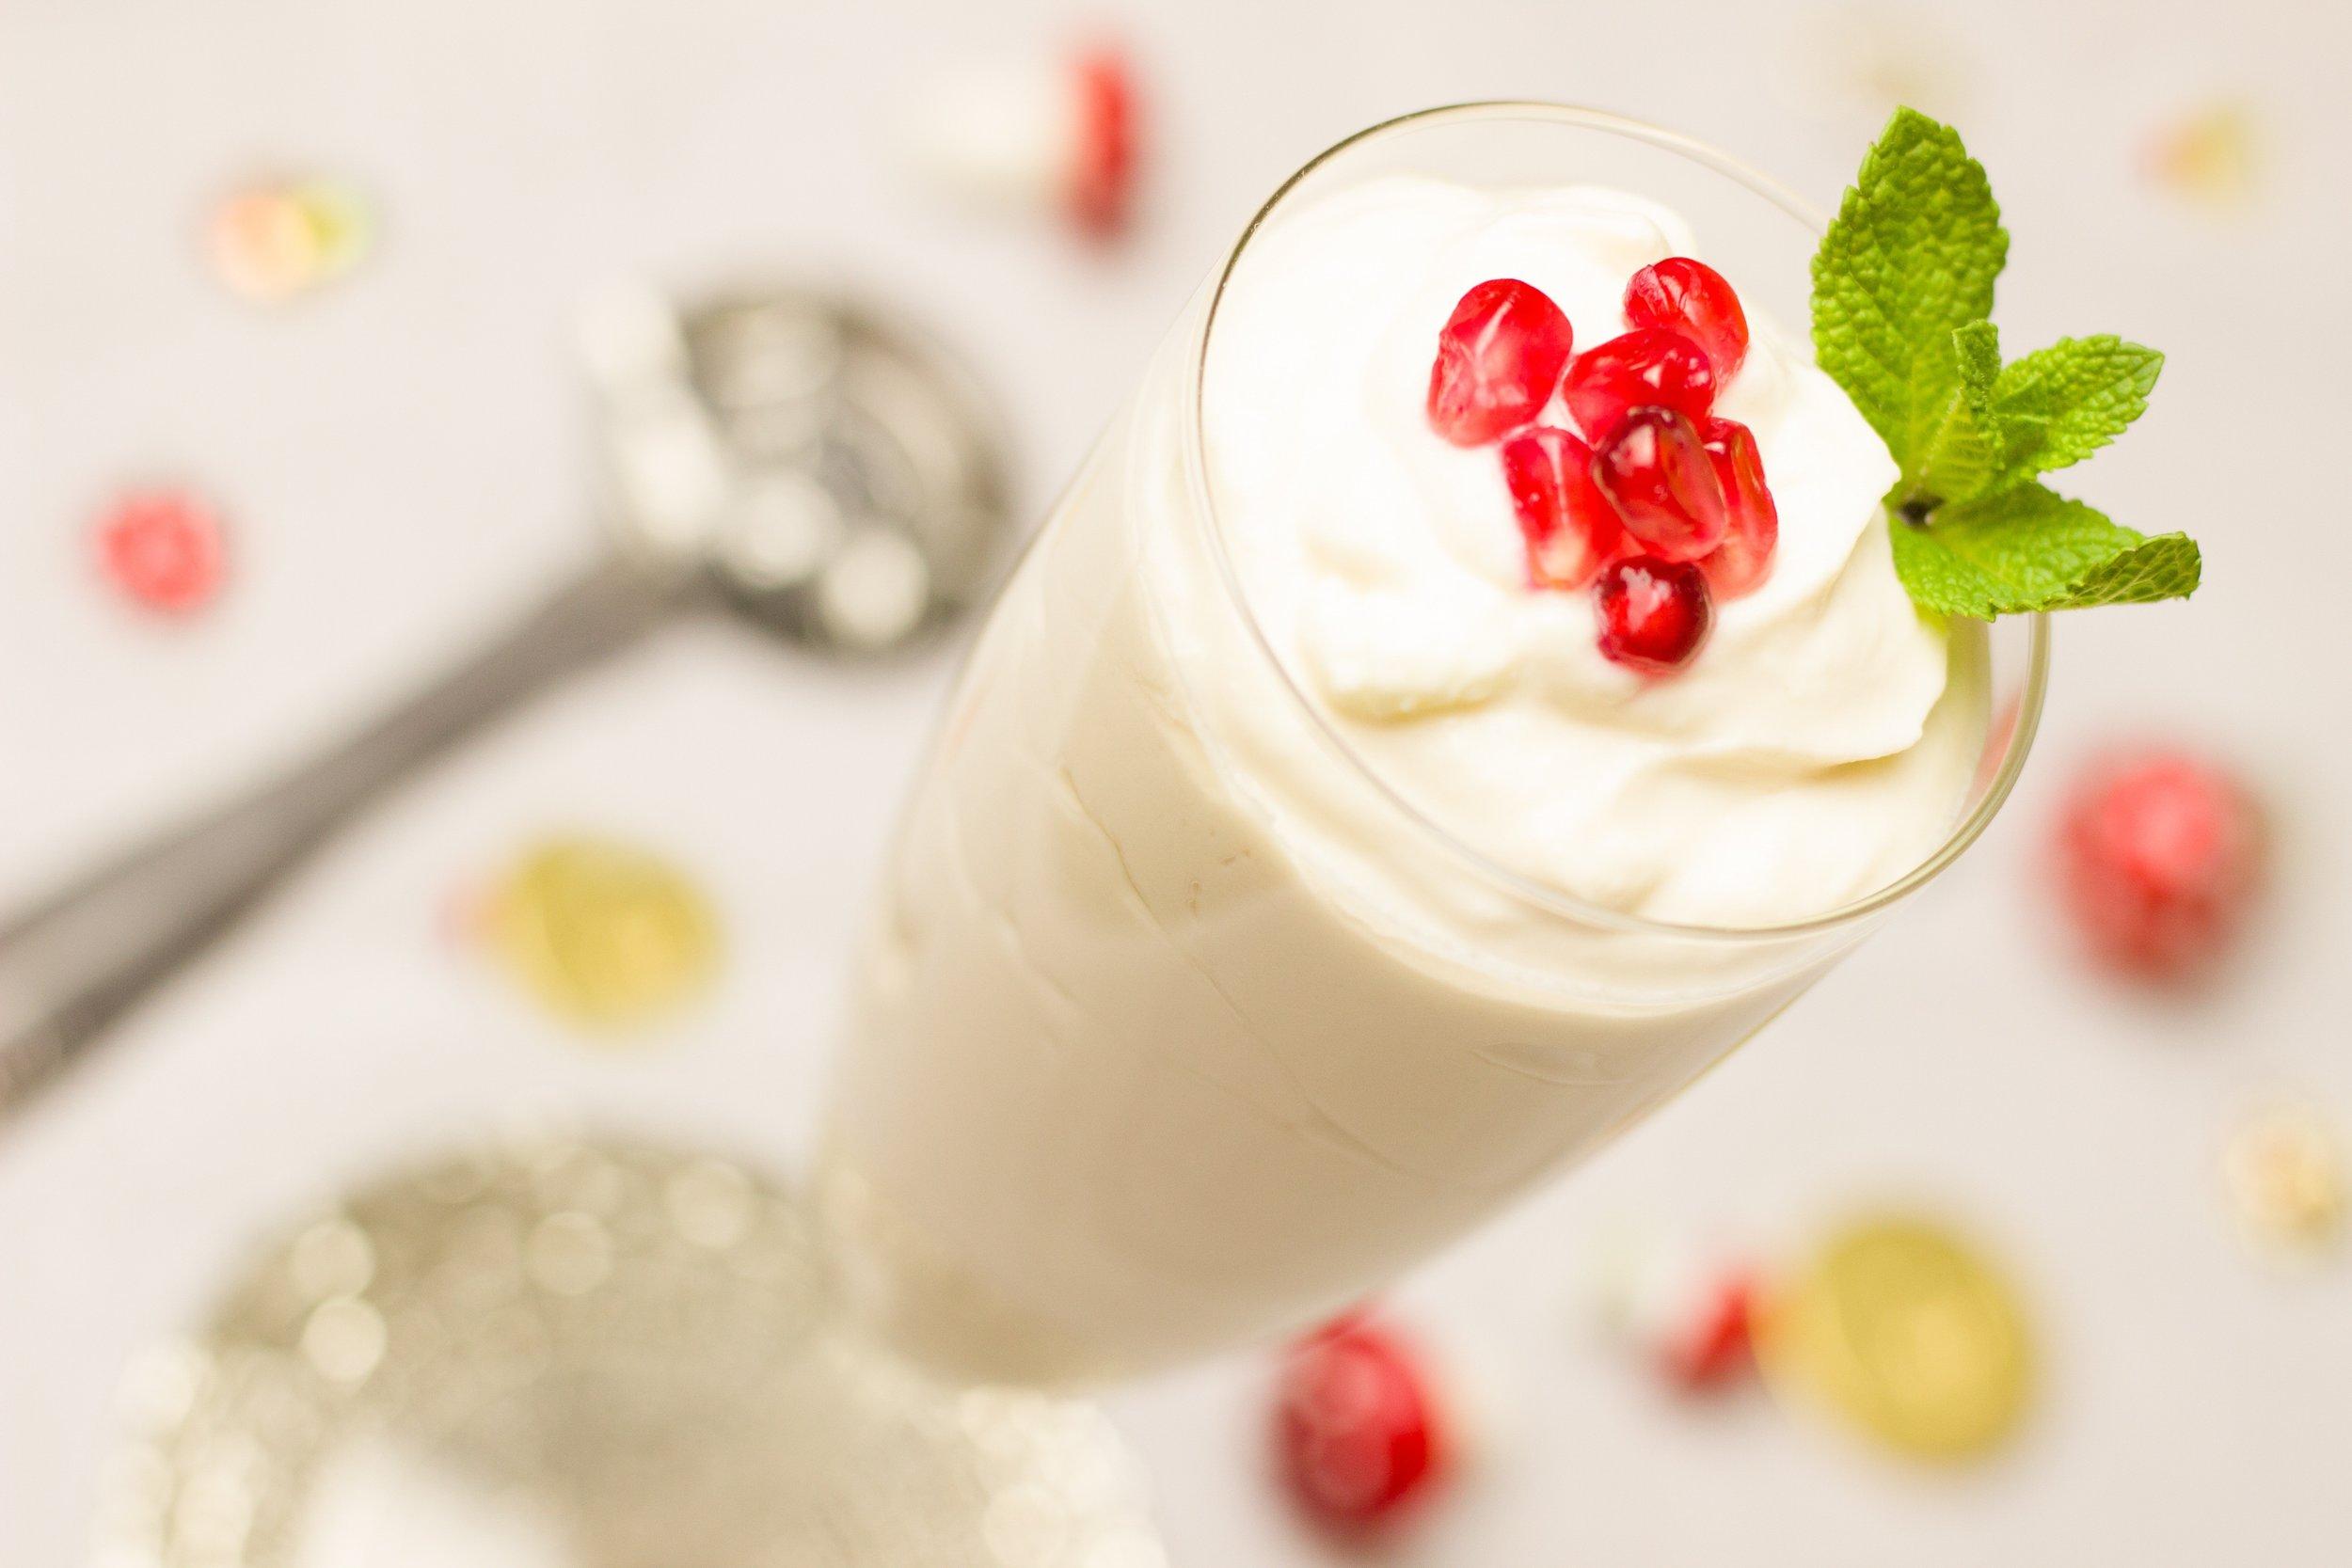 yogurt plain.jpg